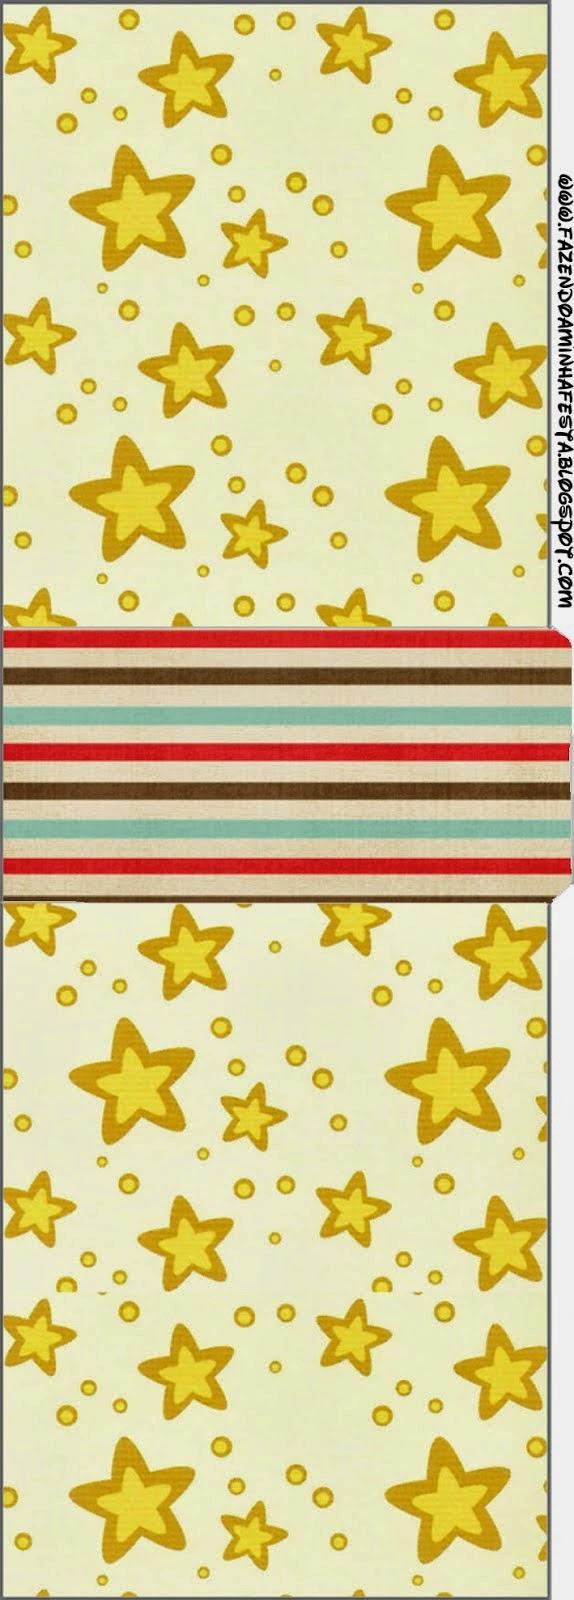 Etiqueta Tic Tac para Imprimir Gratis de Estrellas Doradas y Rayas de Colores.